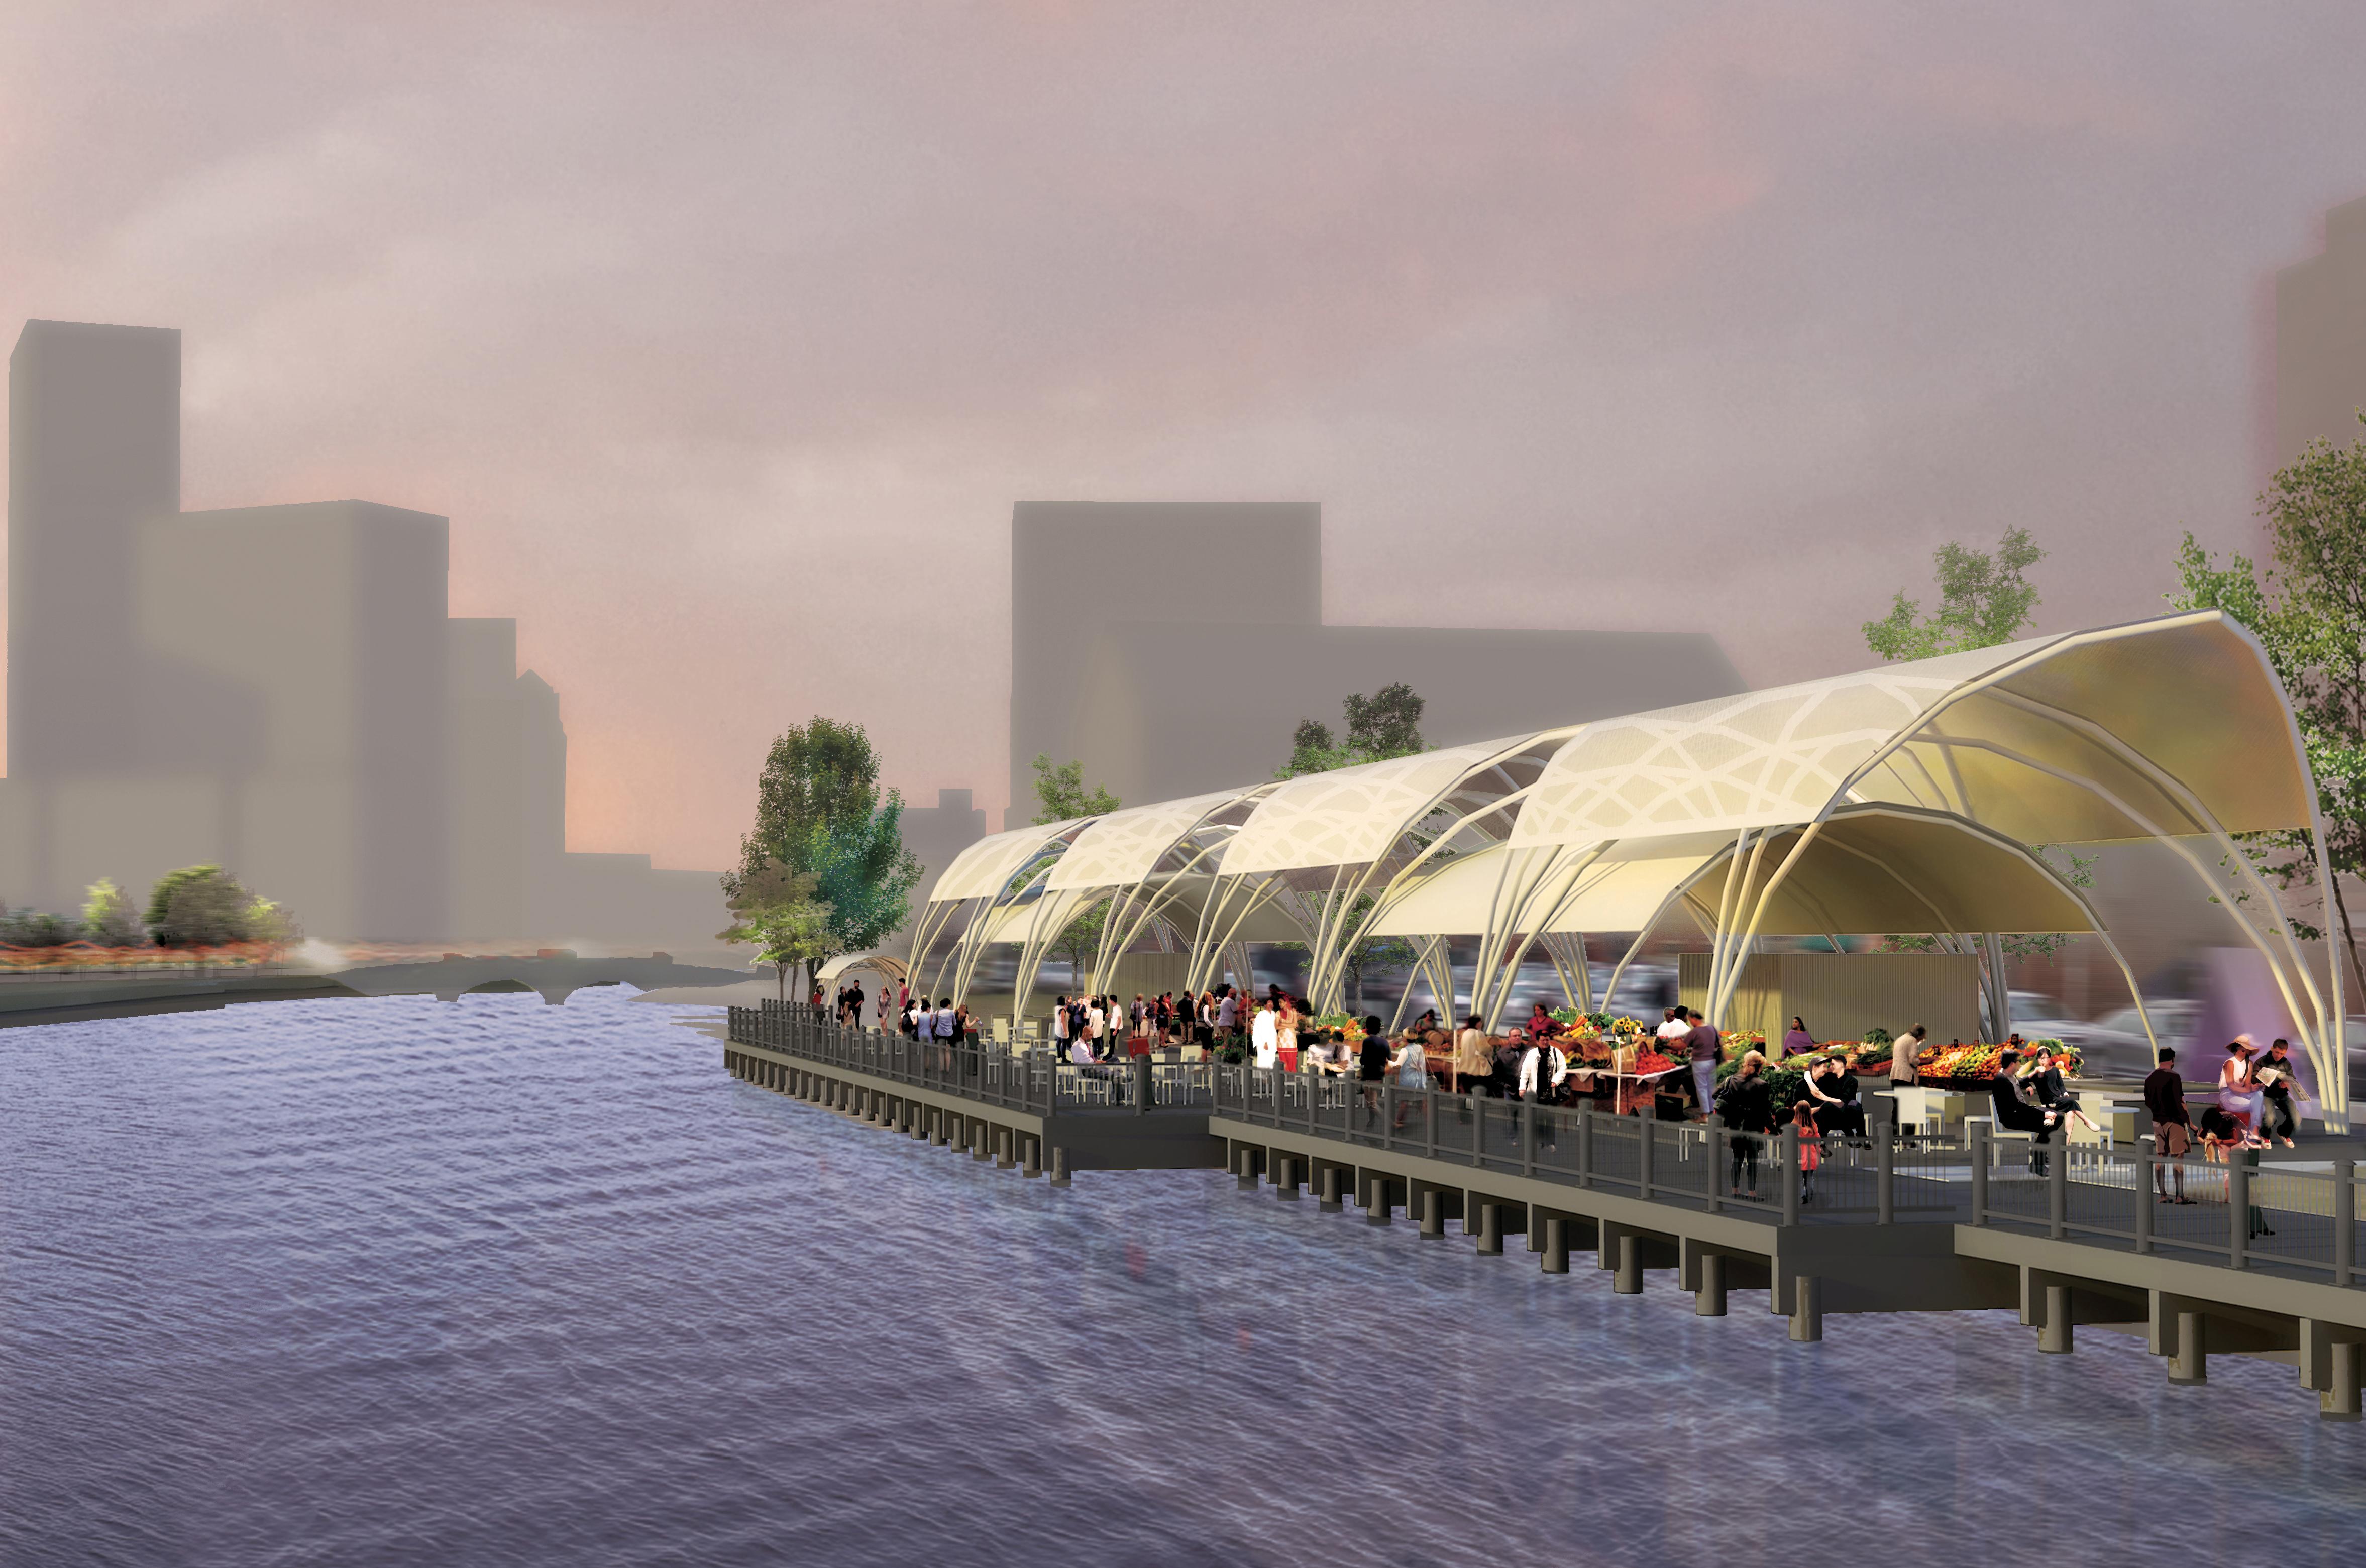 Kite-1811-Providence-Riverfront-Market-Pavilion-Thumnail